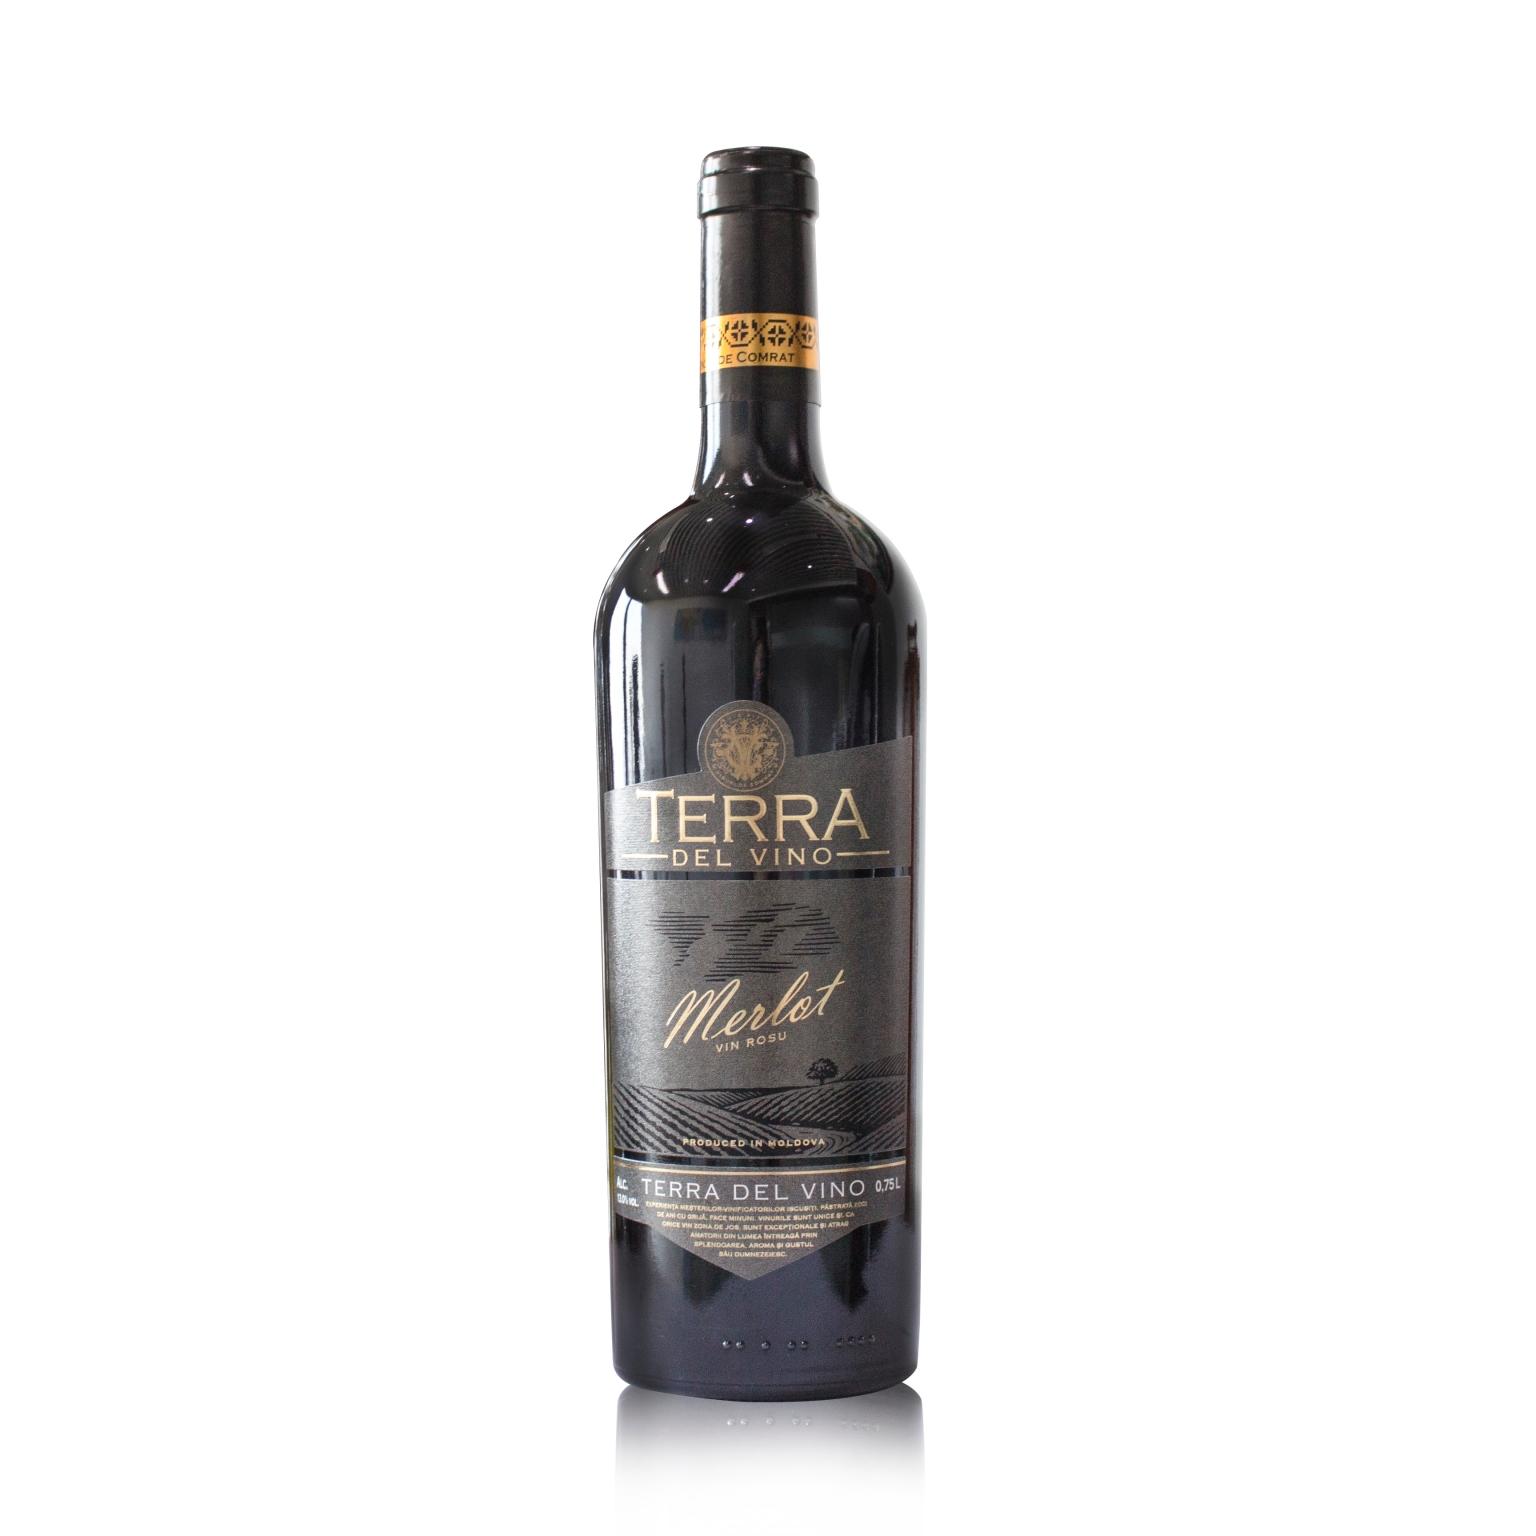 阳光之国 摩尔多瓦科姆拉茨酒庄 泰拉德尔维诺梅洛红葡萄酒 750ML